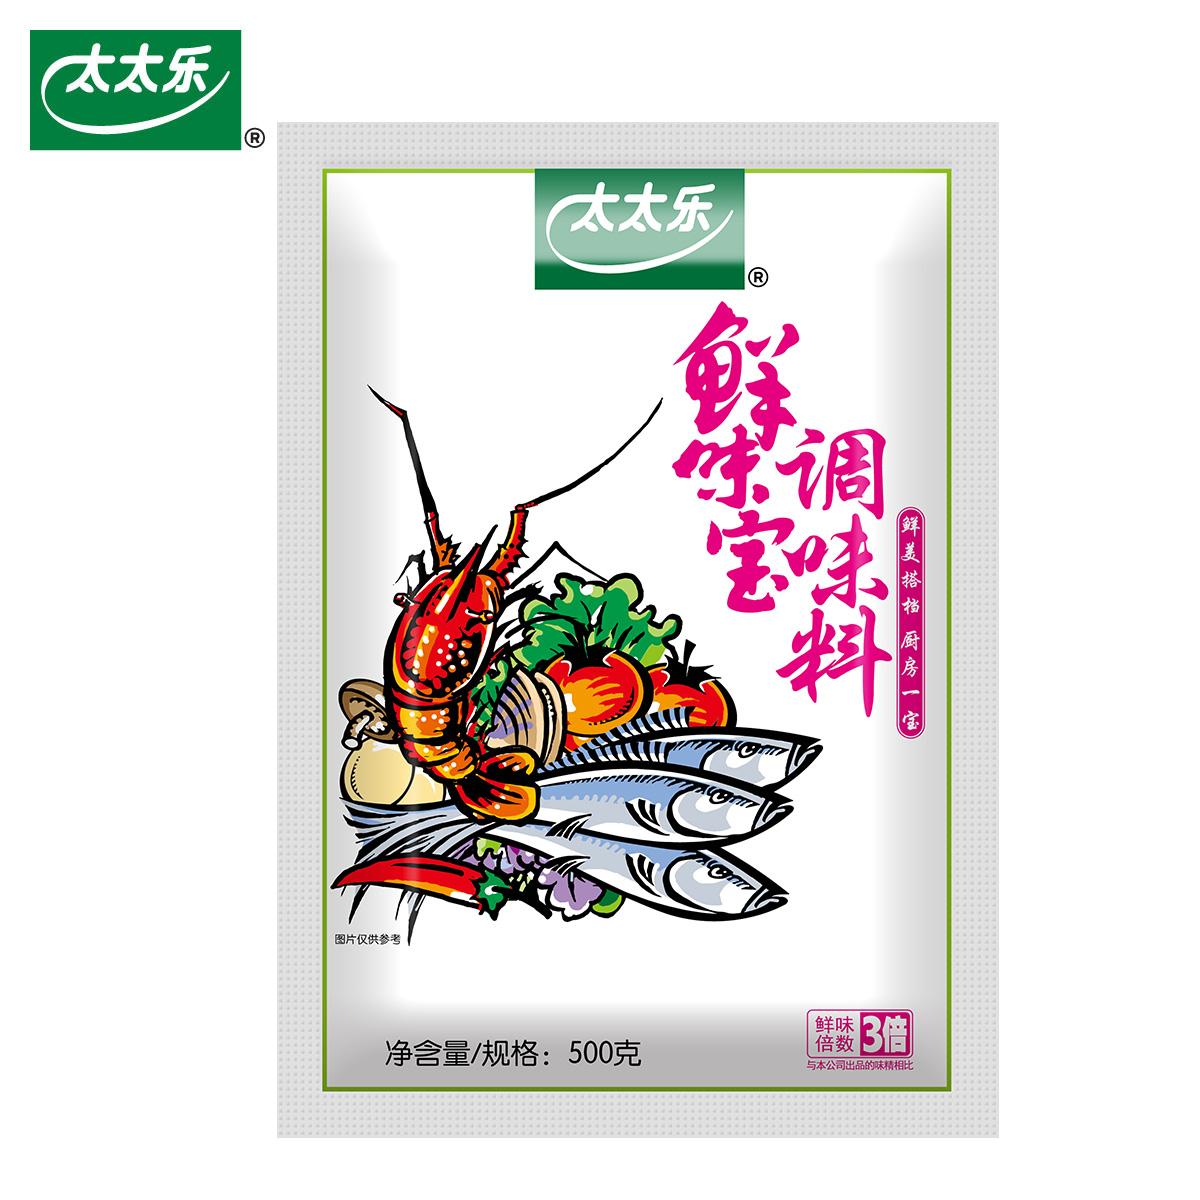 太太乐鲜味宝麻辣烫烧烤串串调味料